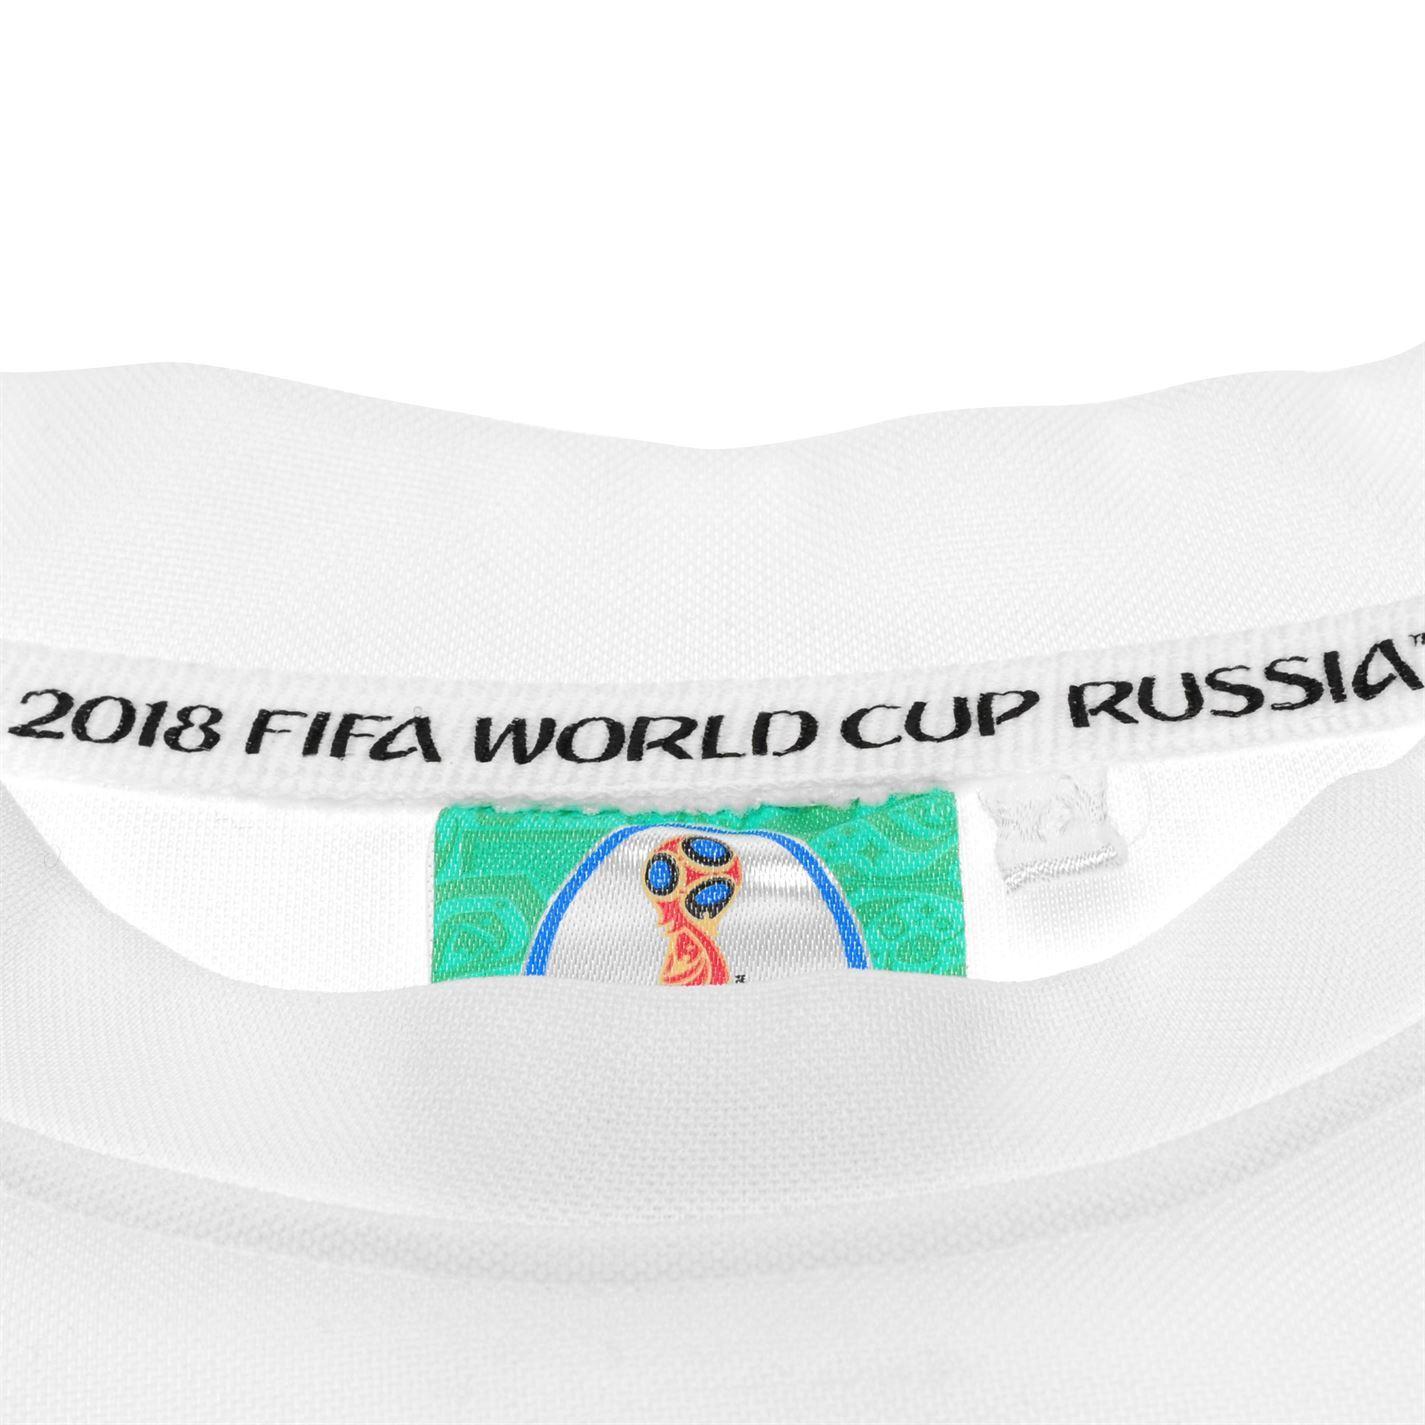 miniature 11 - FIFA Coupe du monde 2018 Angleterre T-Shirt Juniors FOOTBALL SOCCER top tee shirt